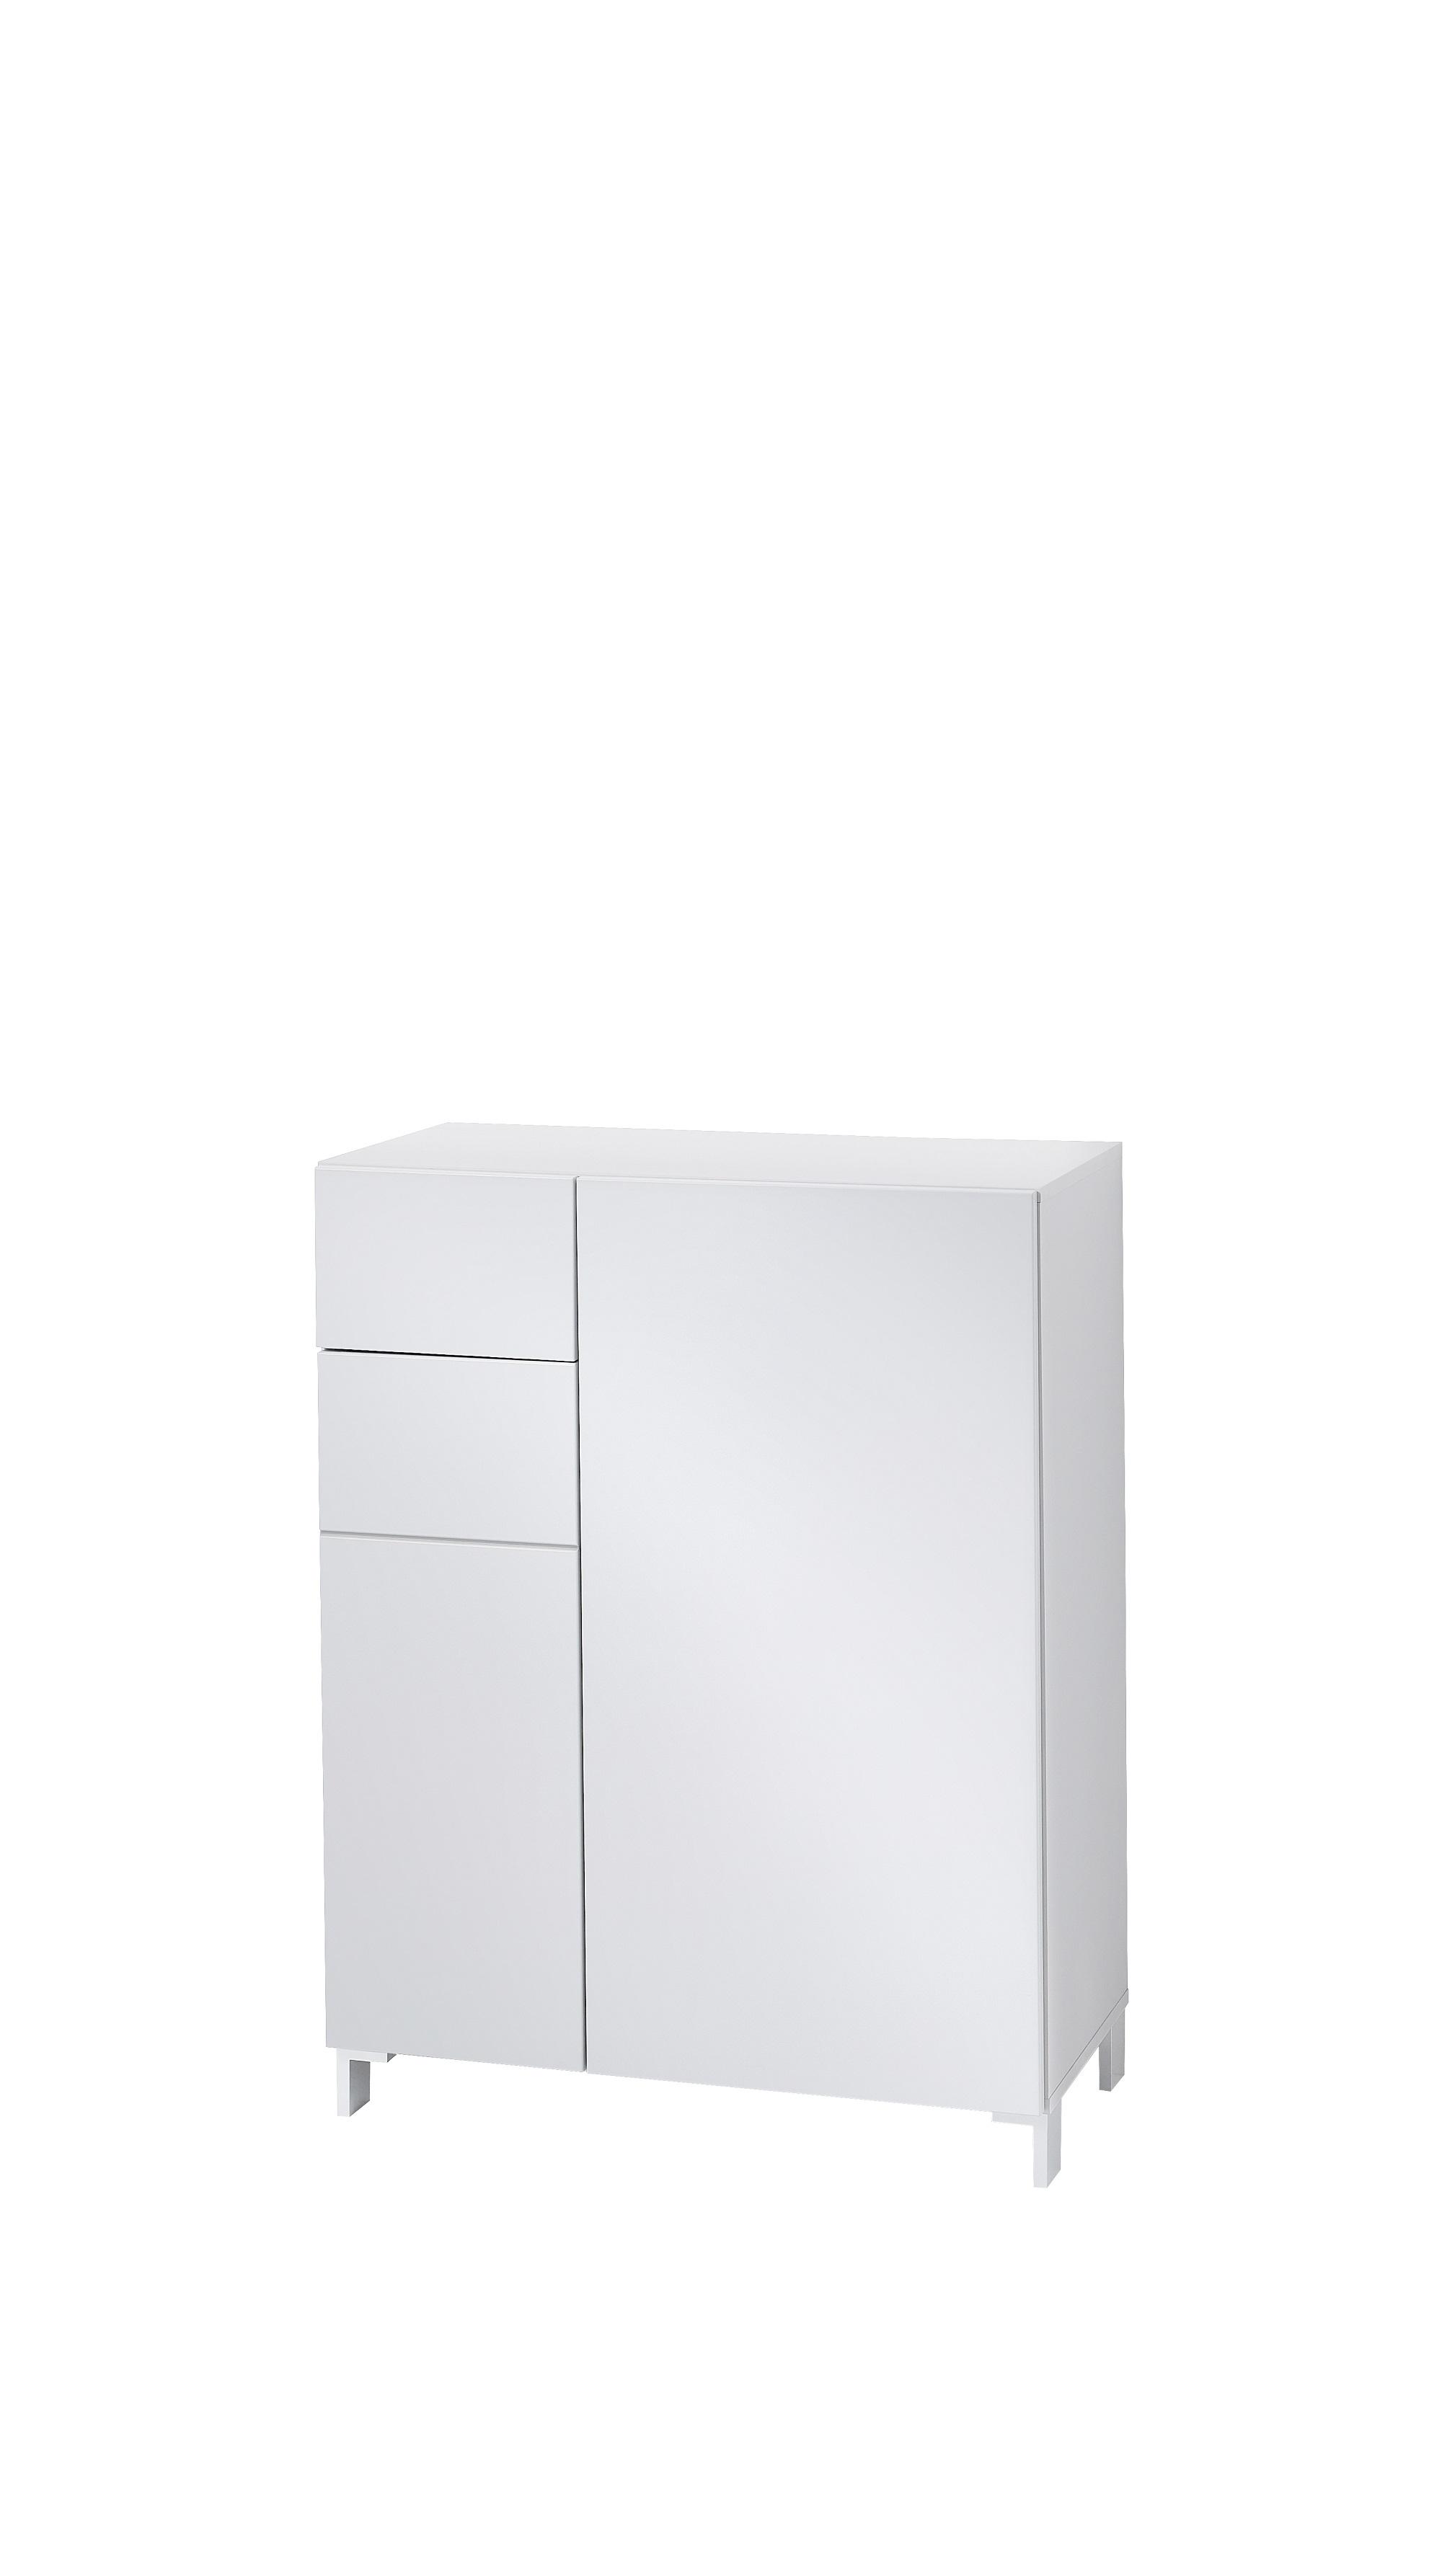 Cabinet hol din MDF cu 2 usi si 1 sertar, Kalis Gri, l80xA39xH104 cm imagine